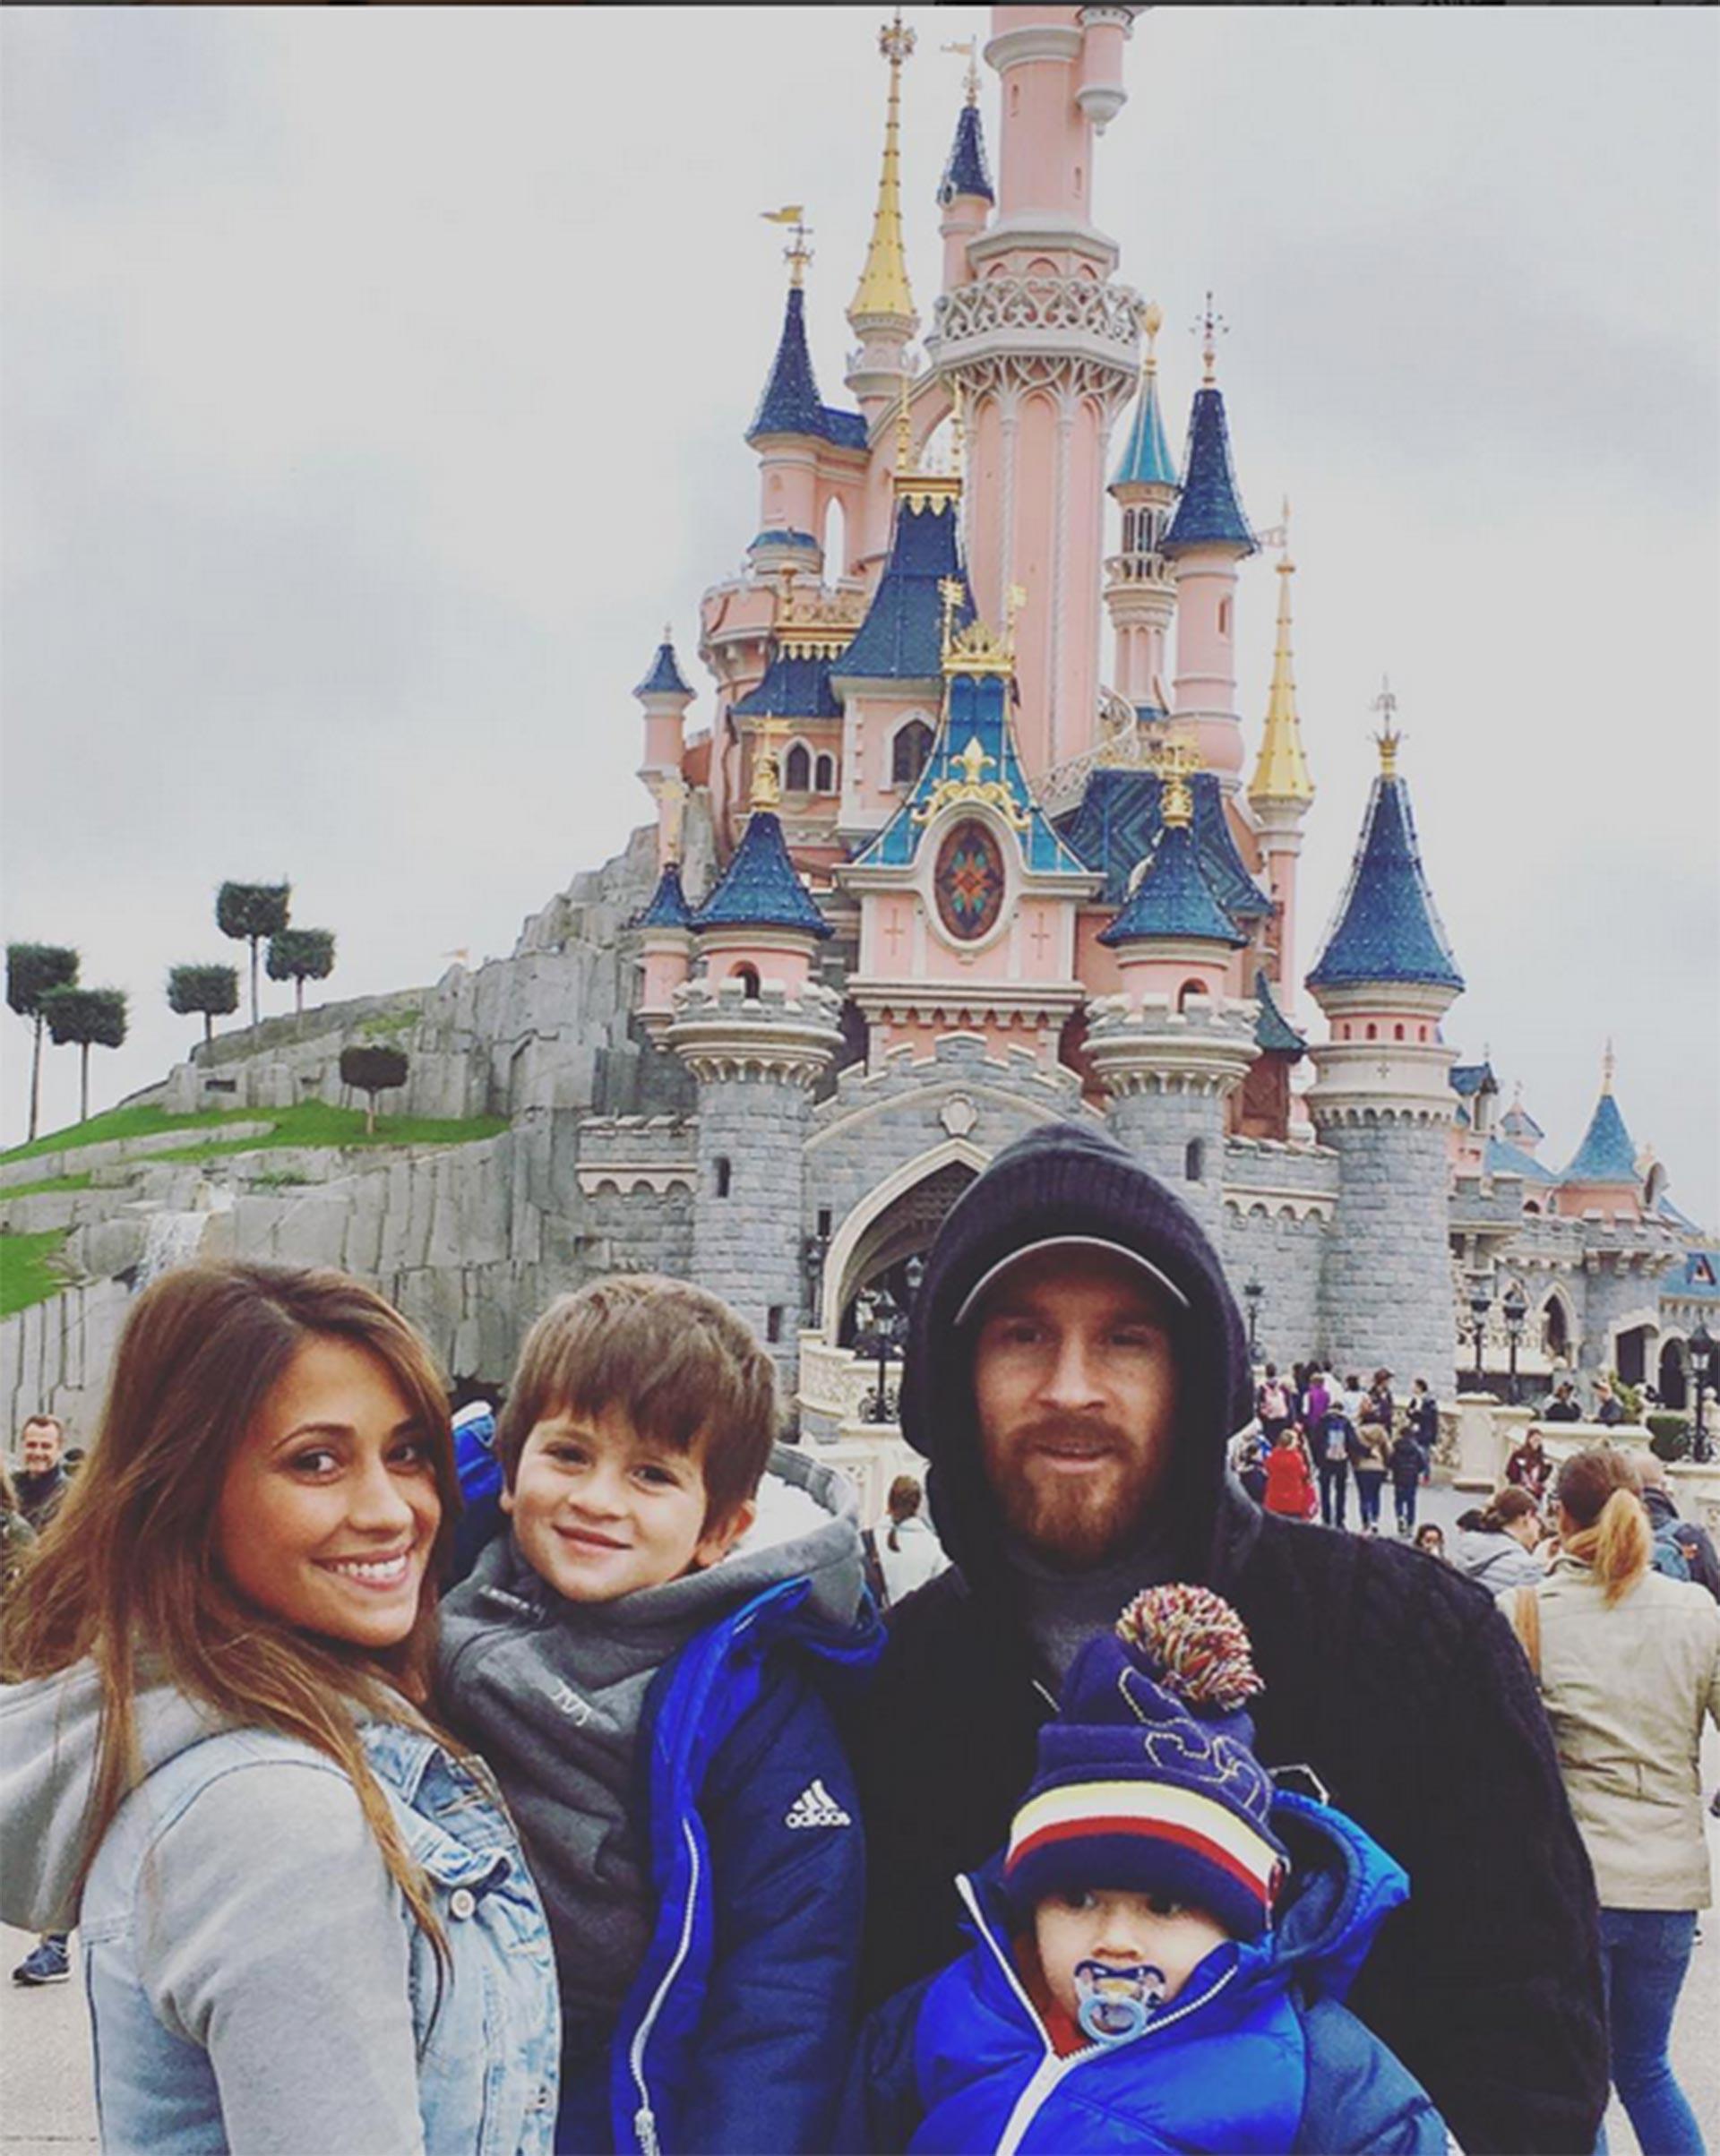 Una visita en familia a Disneyland París junto a sus dos hijos, Thiago y Mateo Messi, el 26 de octubre de 2016